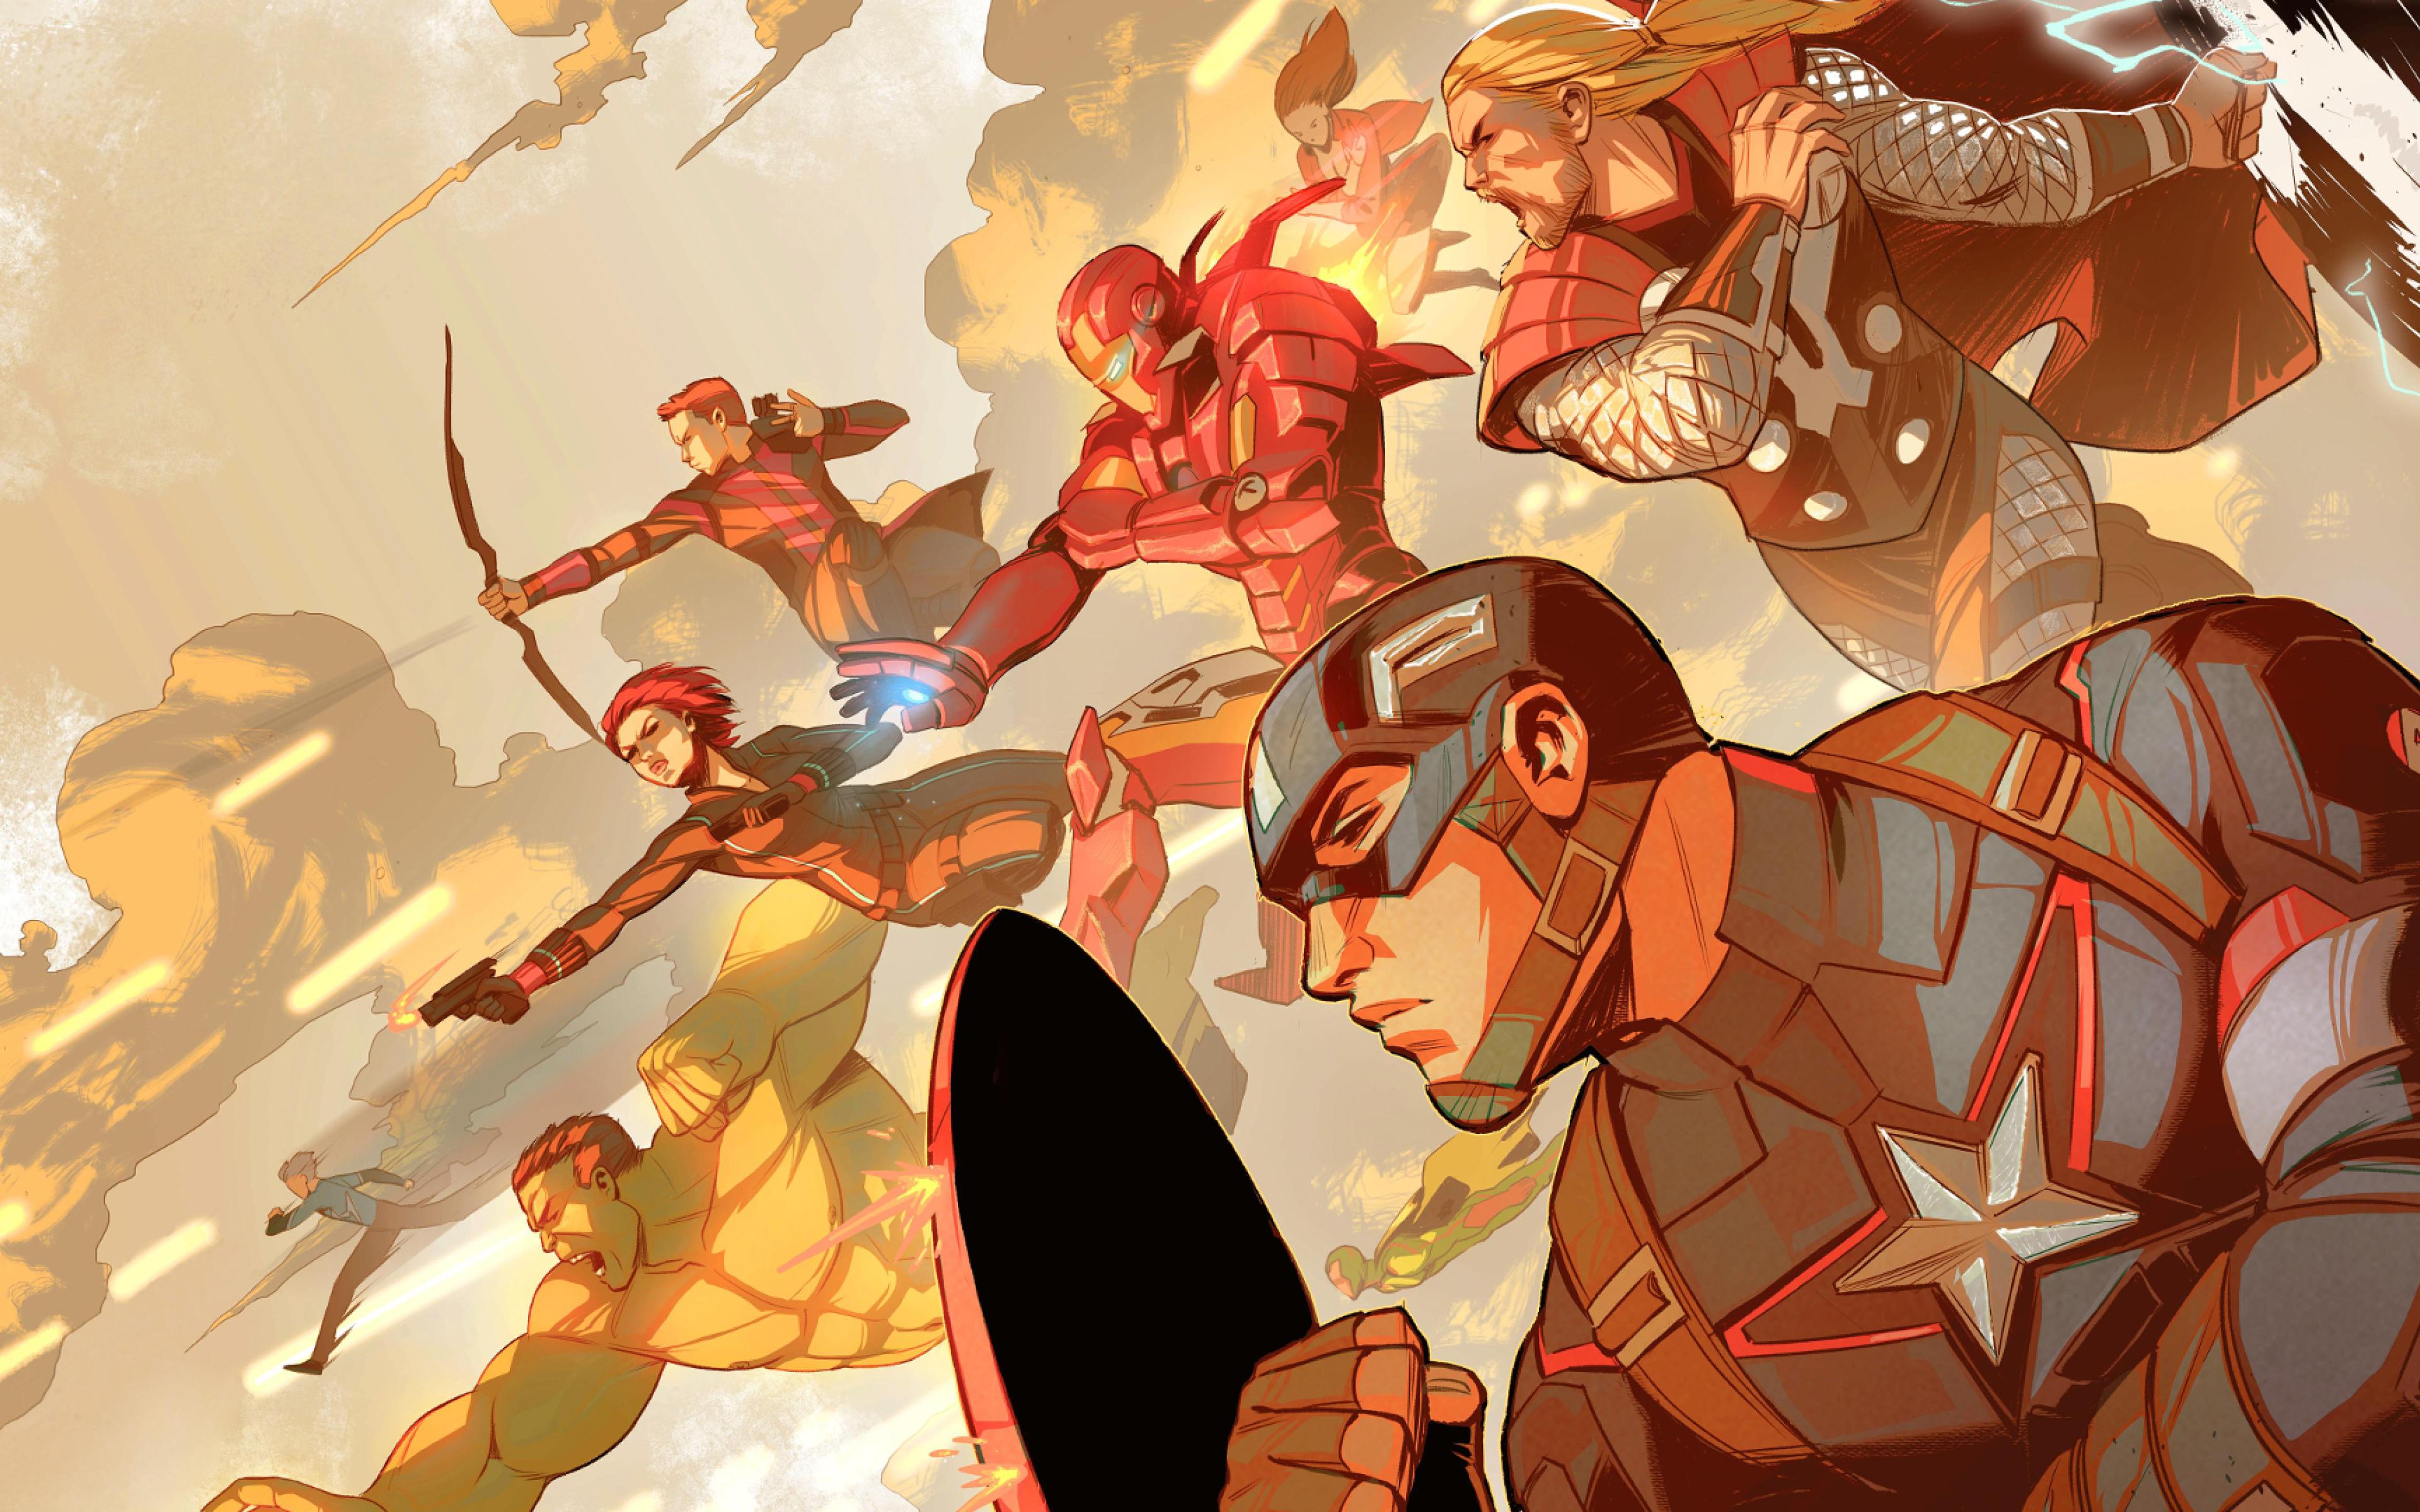 10 New Avengers Infinity War Desktop Wallpaper Full Hd: The Avengers Art Captain America, Iron Man, Thor, Black